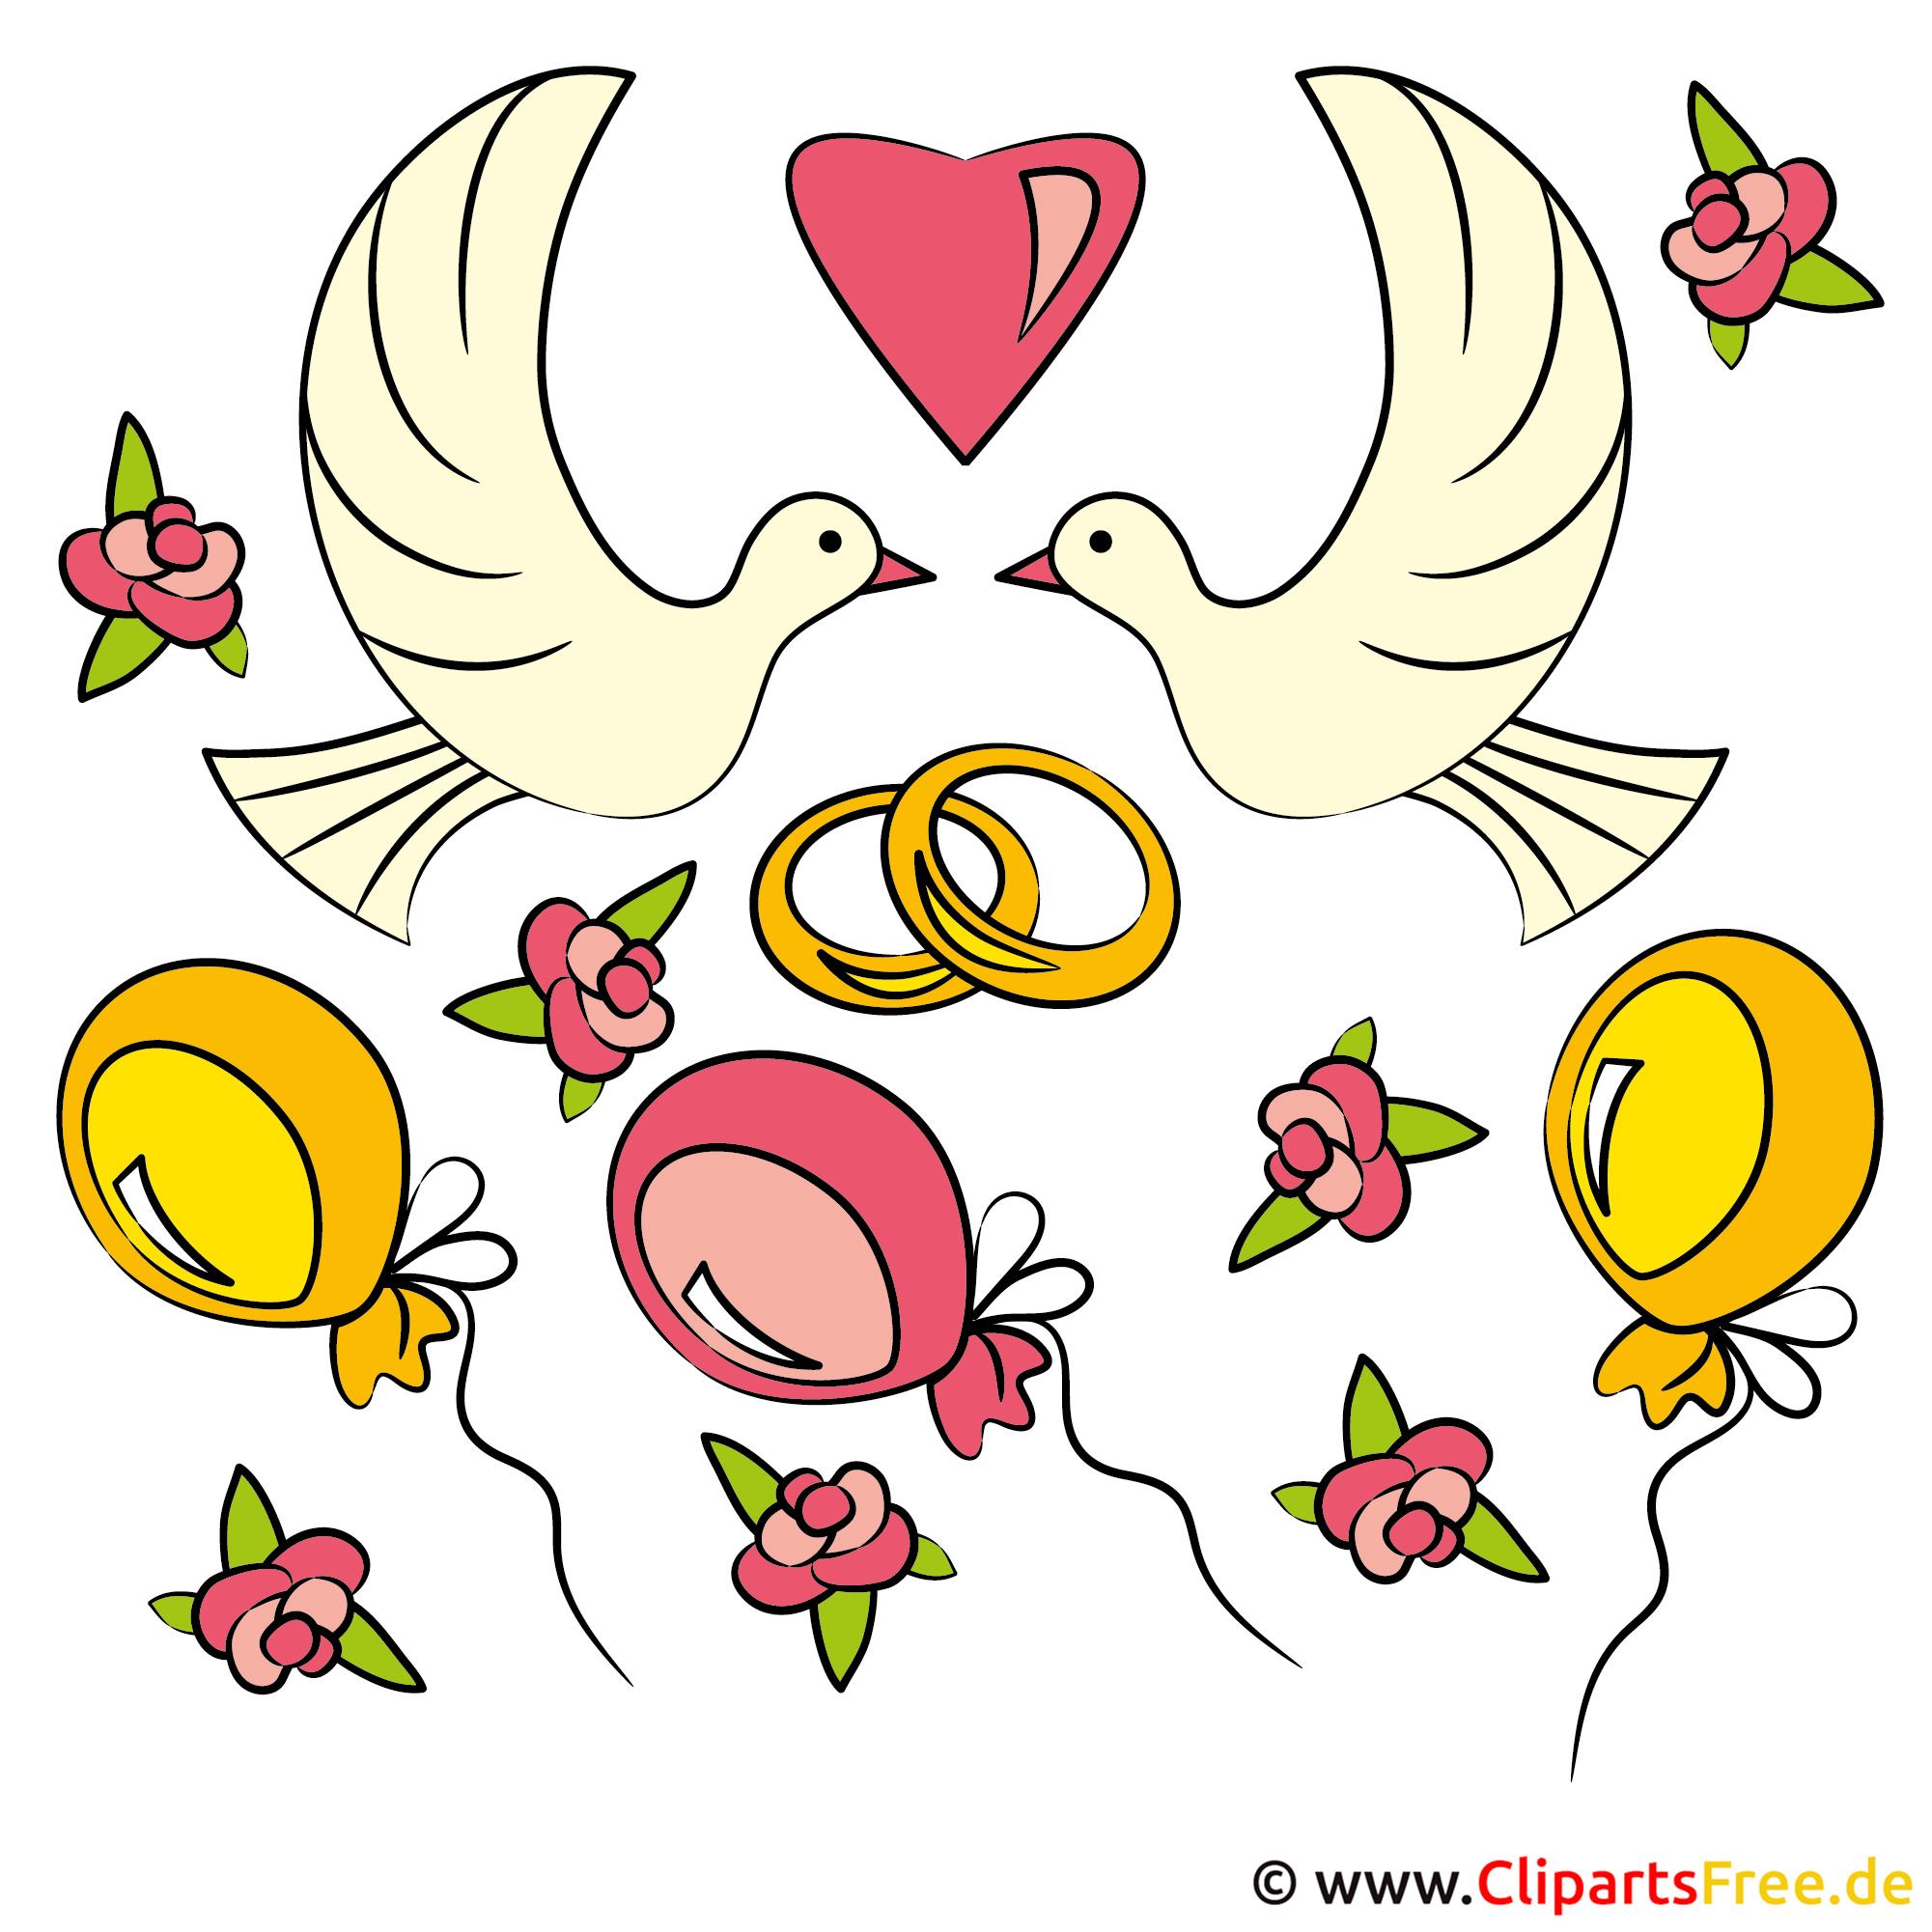 Clipart Glückwunsch zur Hochzeit kostenlos